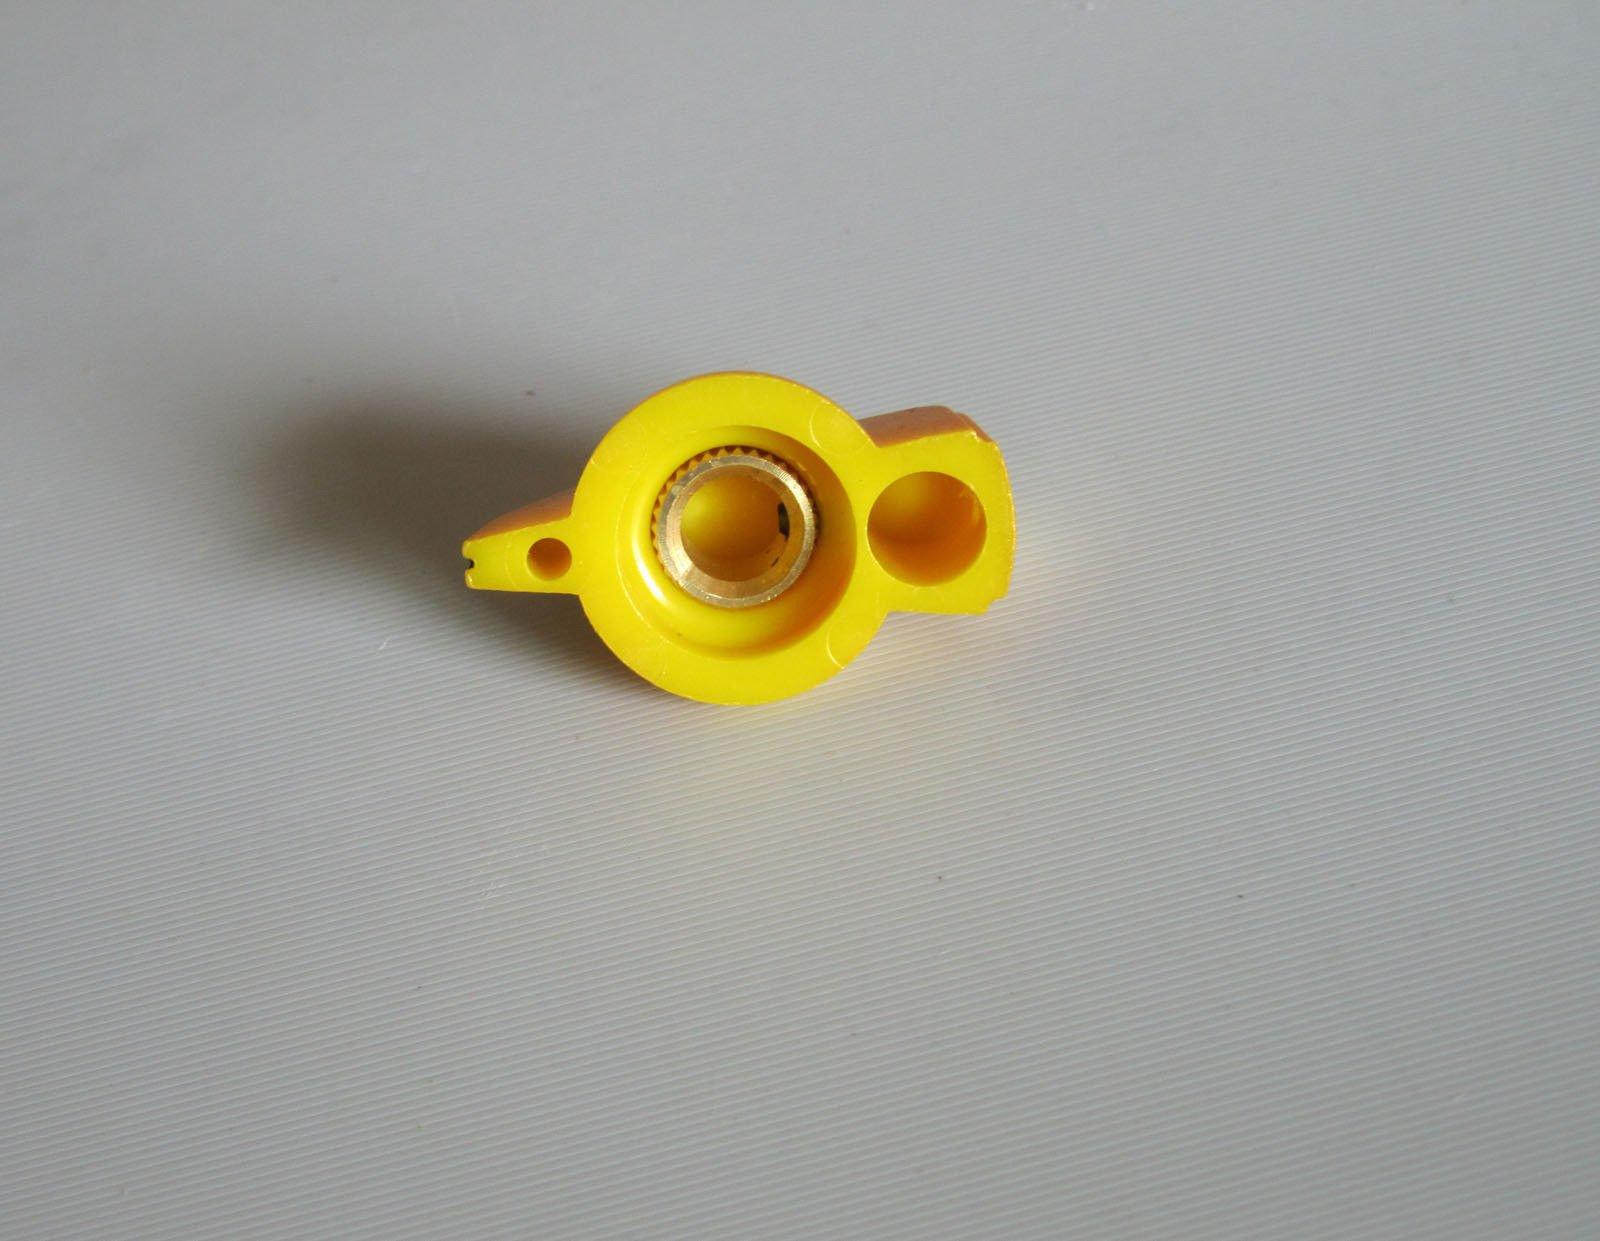 Brass Insert Guitar Chicken Head Knob AMP Effect Pointer Knob, 12 Pcs Gold